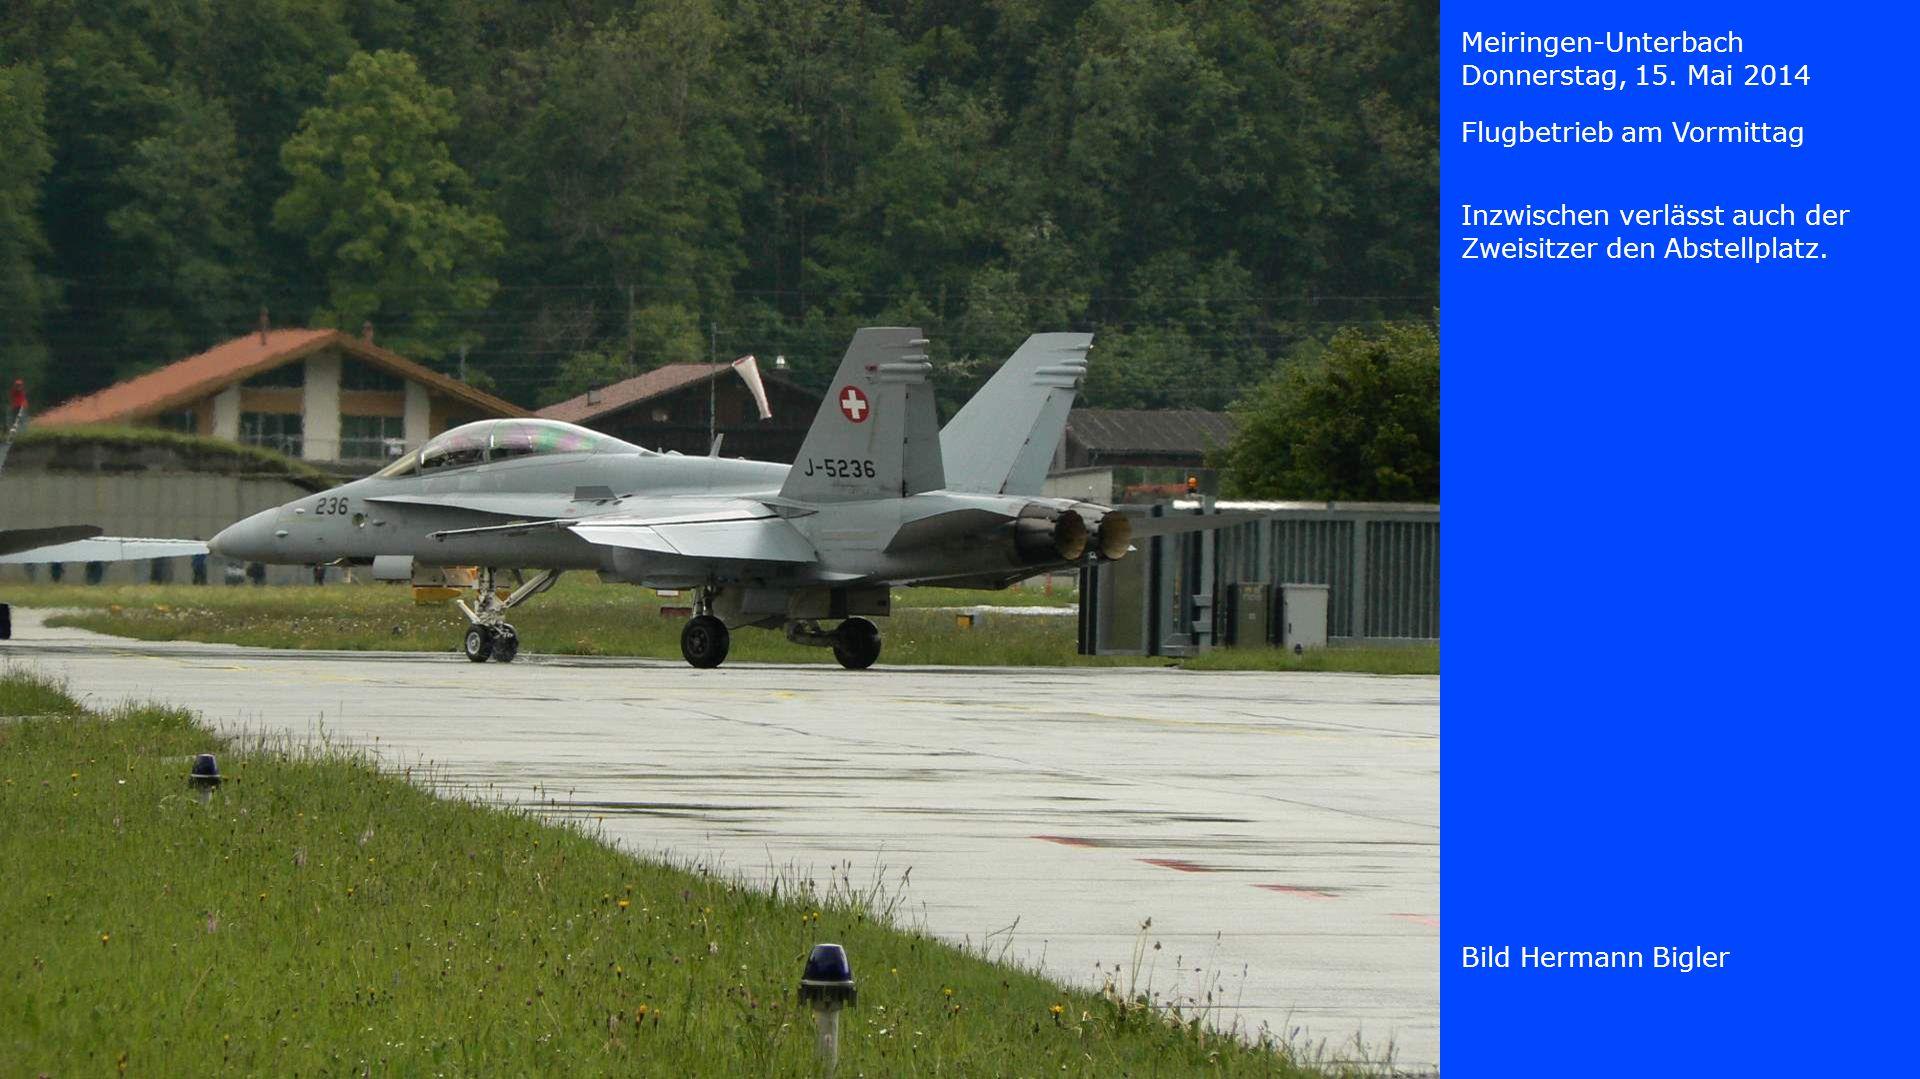 Meiringen-Unterbach Donnerstag, 15. Mai 2014. Flugbetrieb am Vormittag. Inzwischen verlässt auch der Zweisitzer den Abstellplatz.